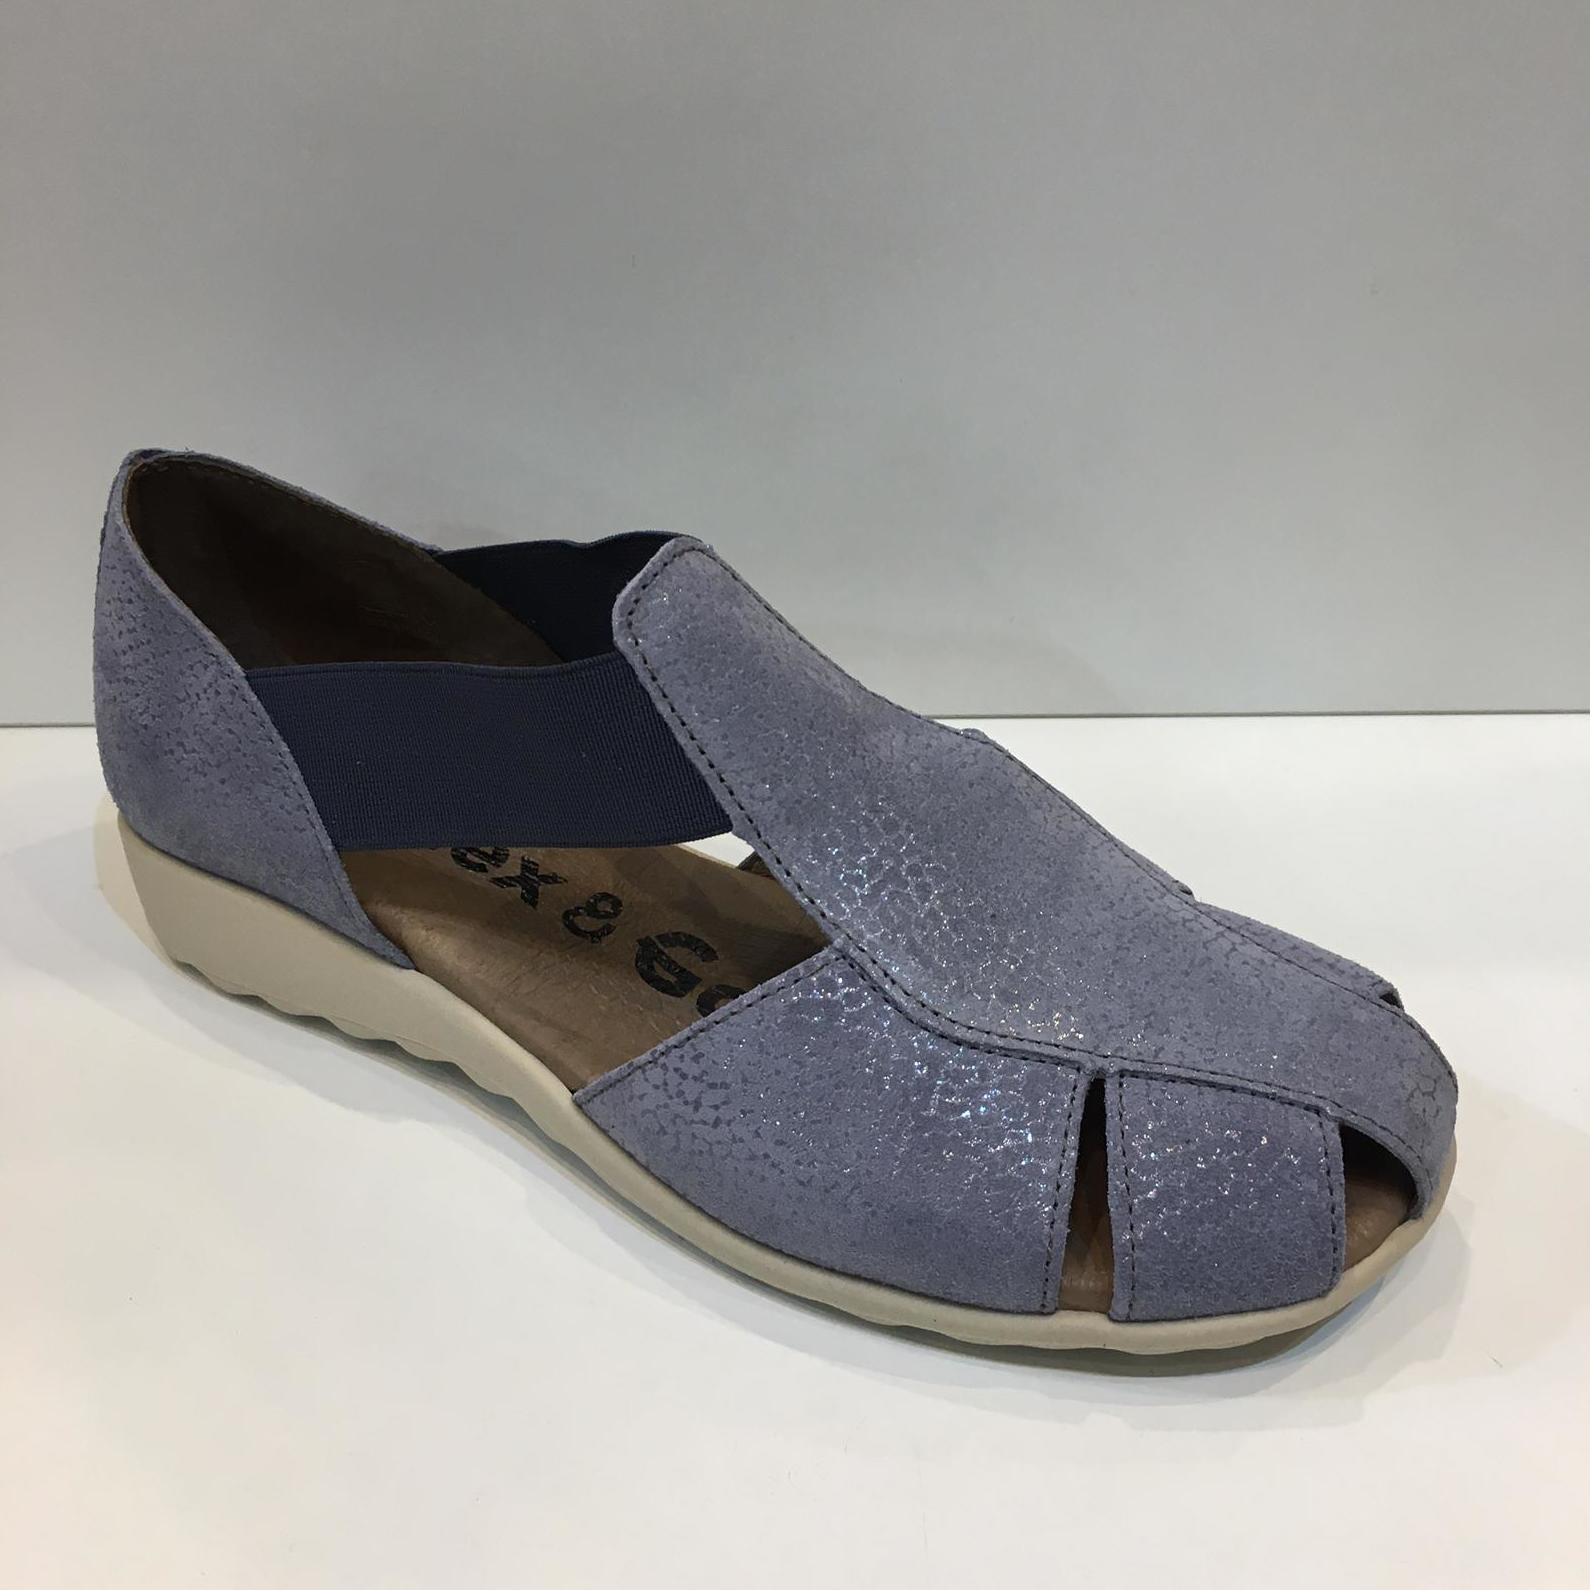 Sandàlia tapada de dona, de la marca Flex&Go, de nobuck, ample especial, plantilla de làtex folrada amb pell i sola de làtex, ideals per a peus delicats 56.50€